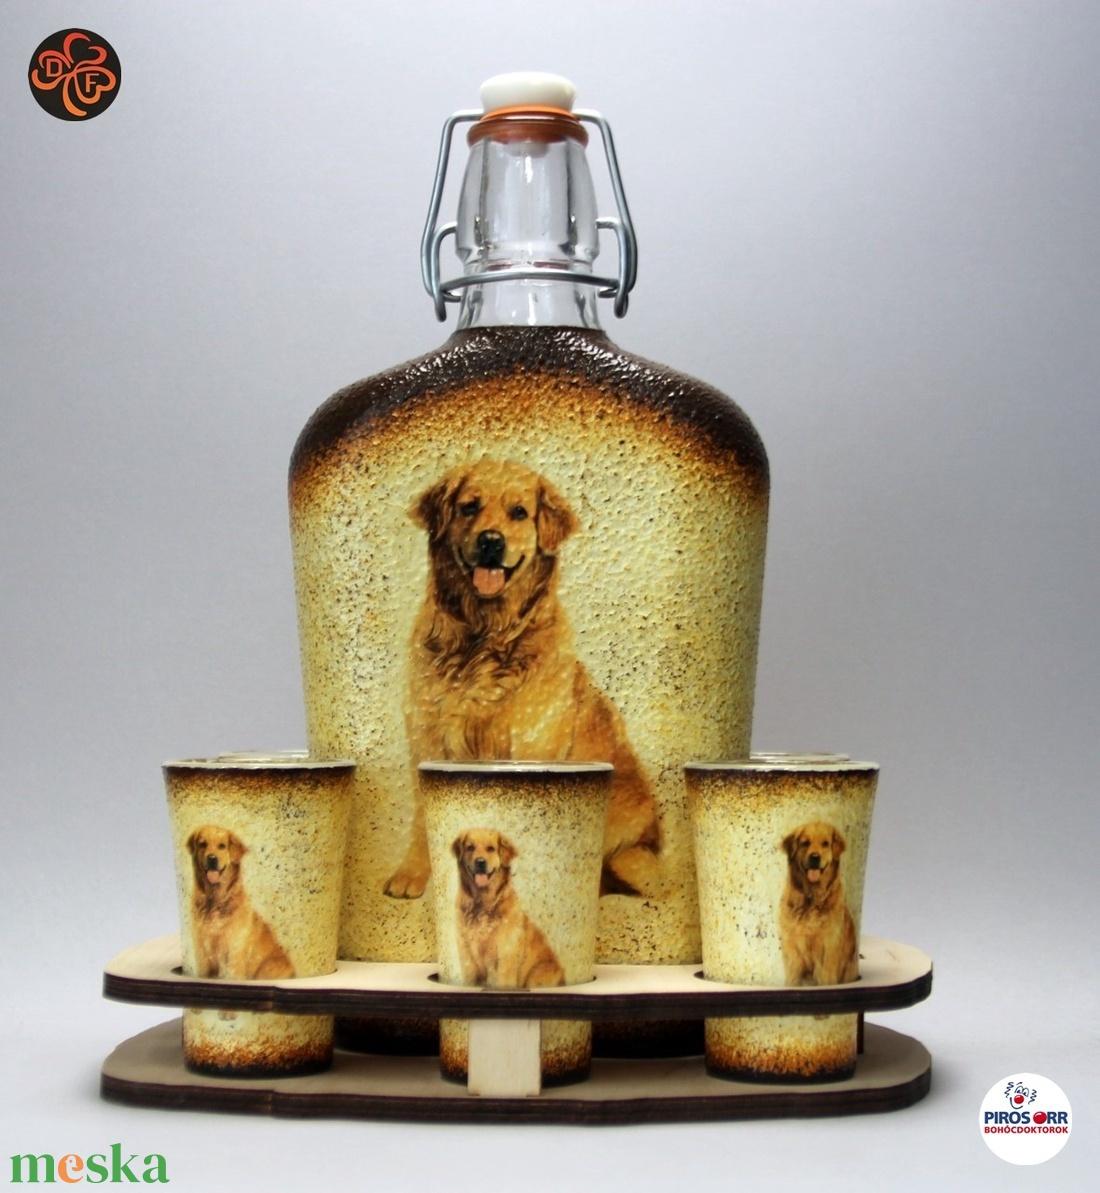 Kutya motívummal ( golden retriever) díszített nagy pálinkás szett ; Házi kedvenc rajongóknak ;Egyedi állat fotóval is ! - Meska.hu